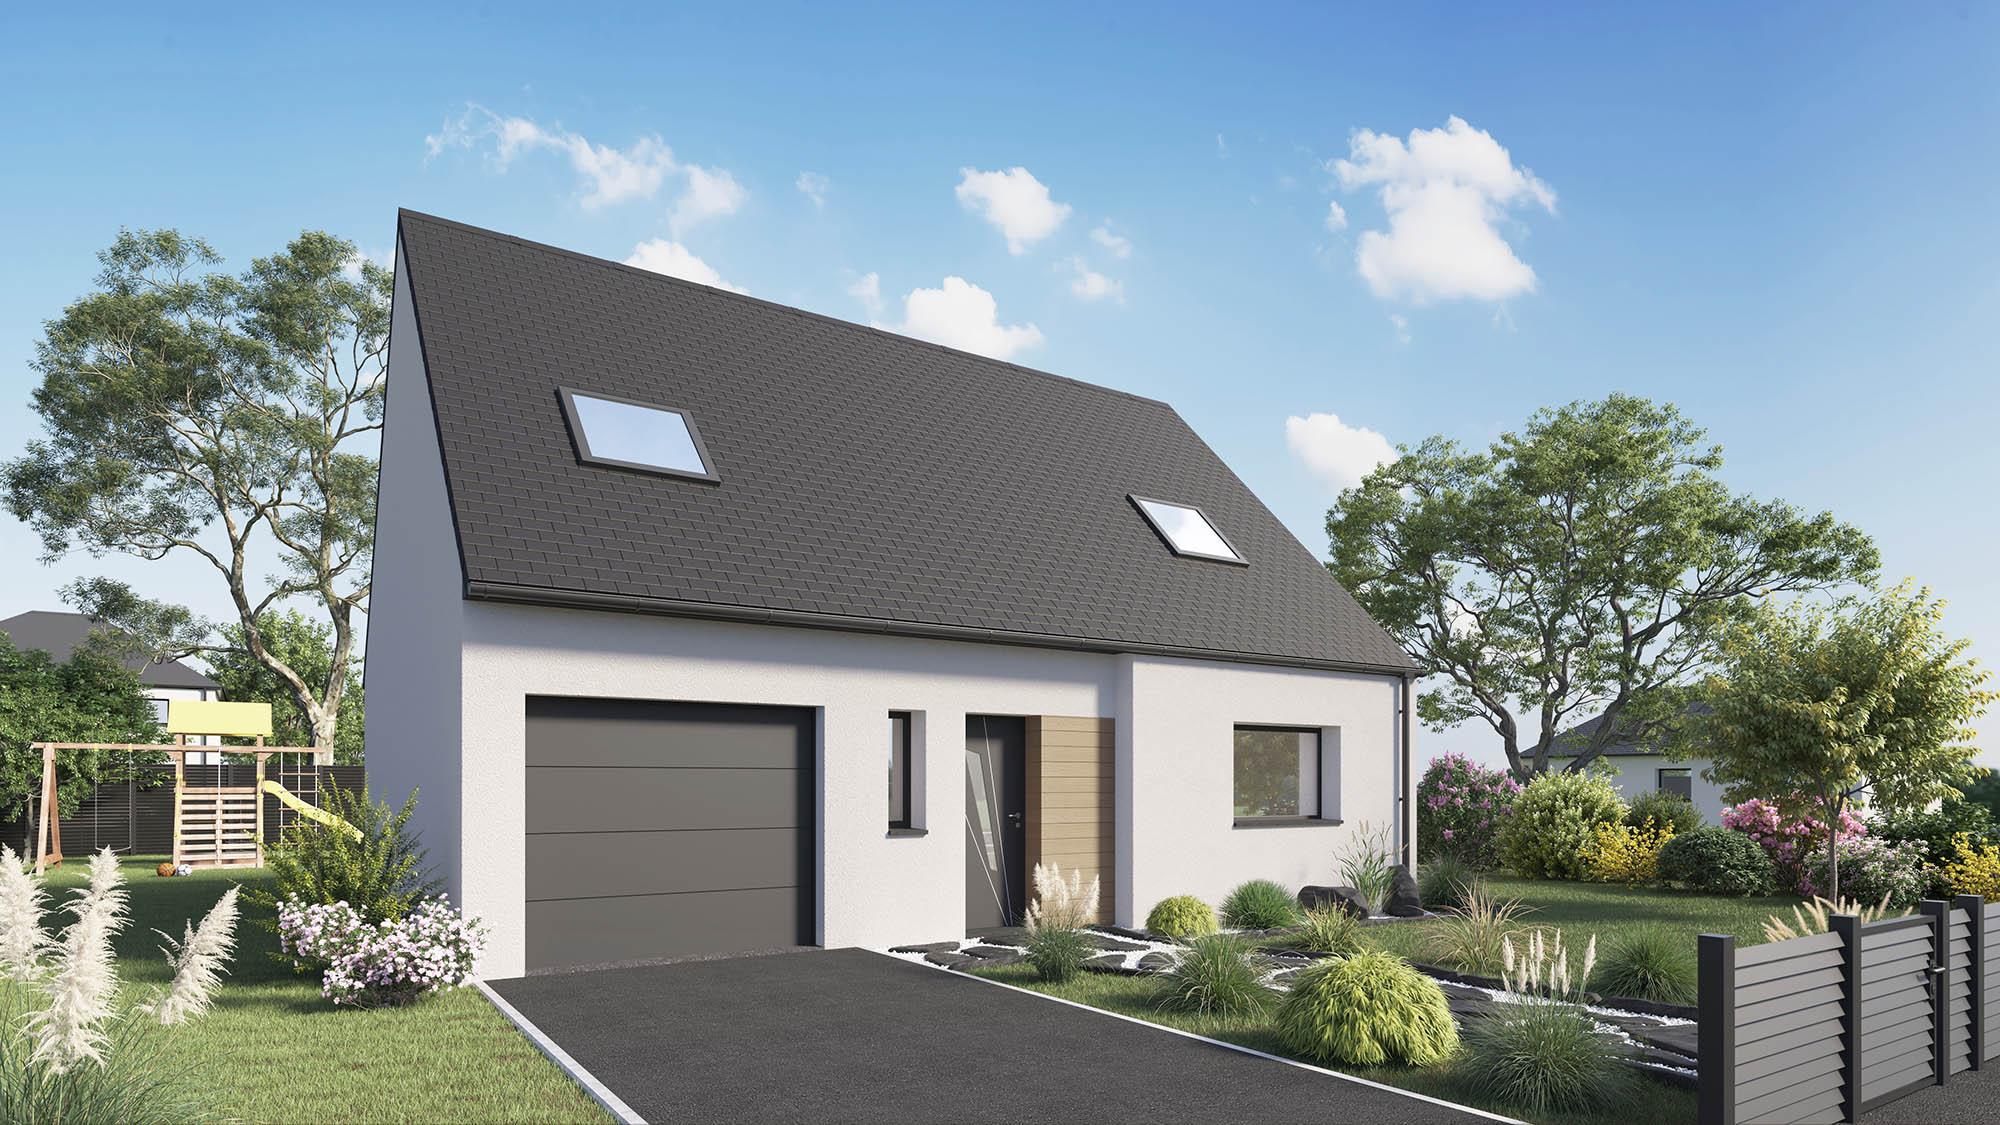 Votre maison + terrain à Amfreville  - 14860